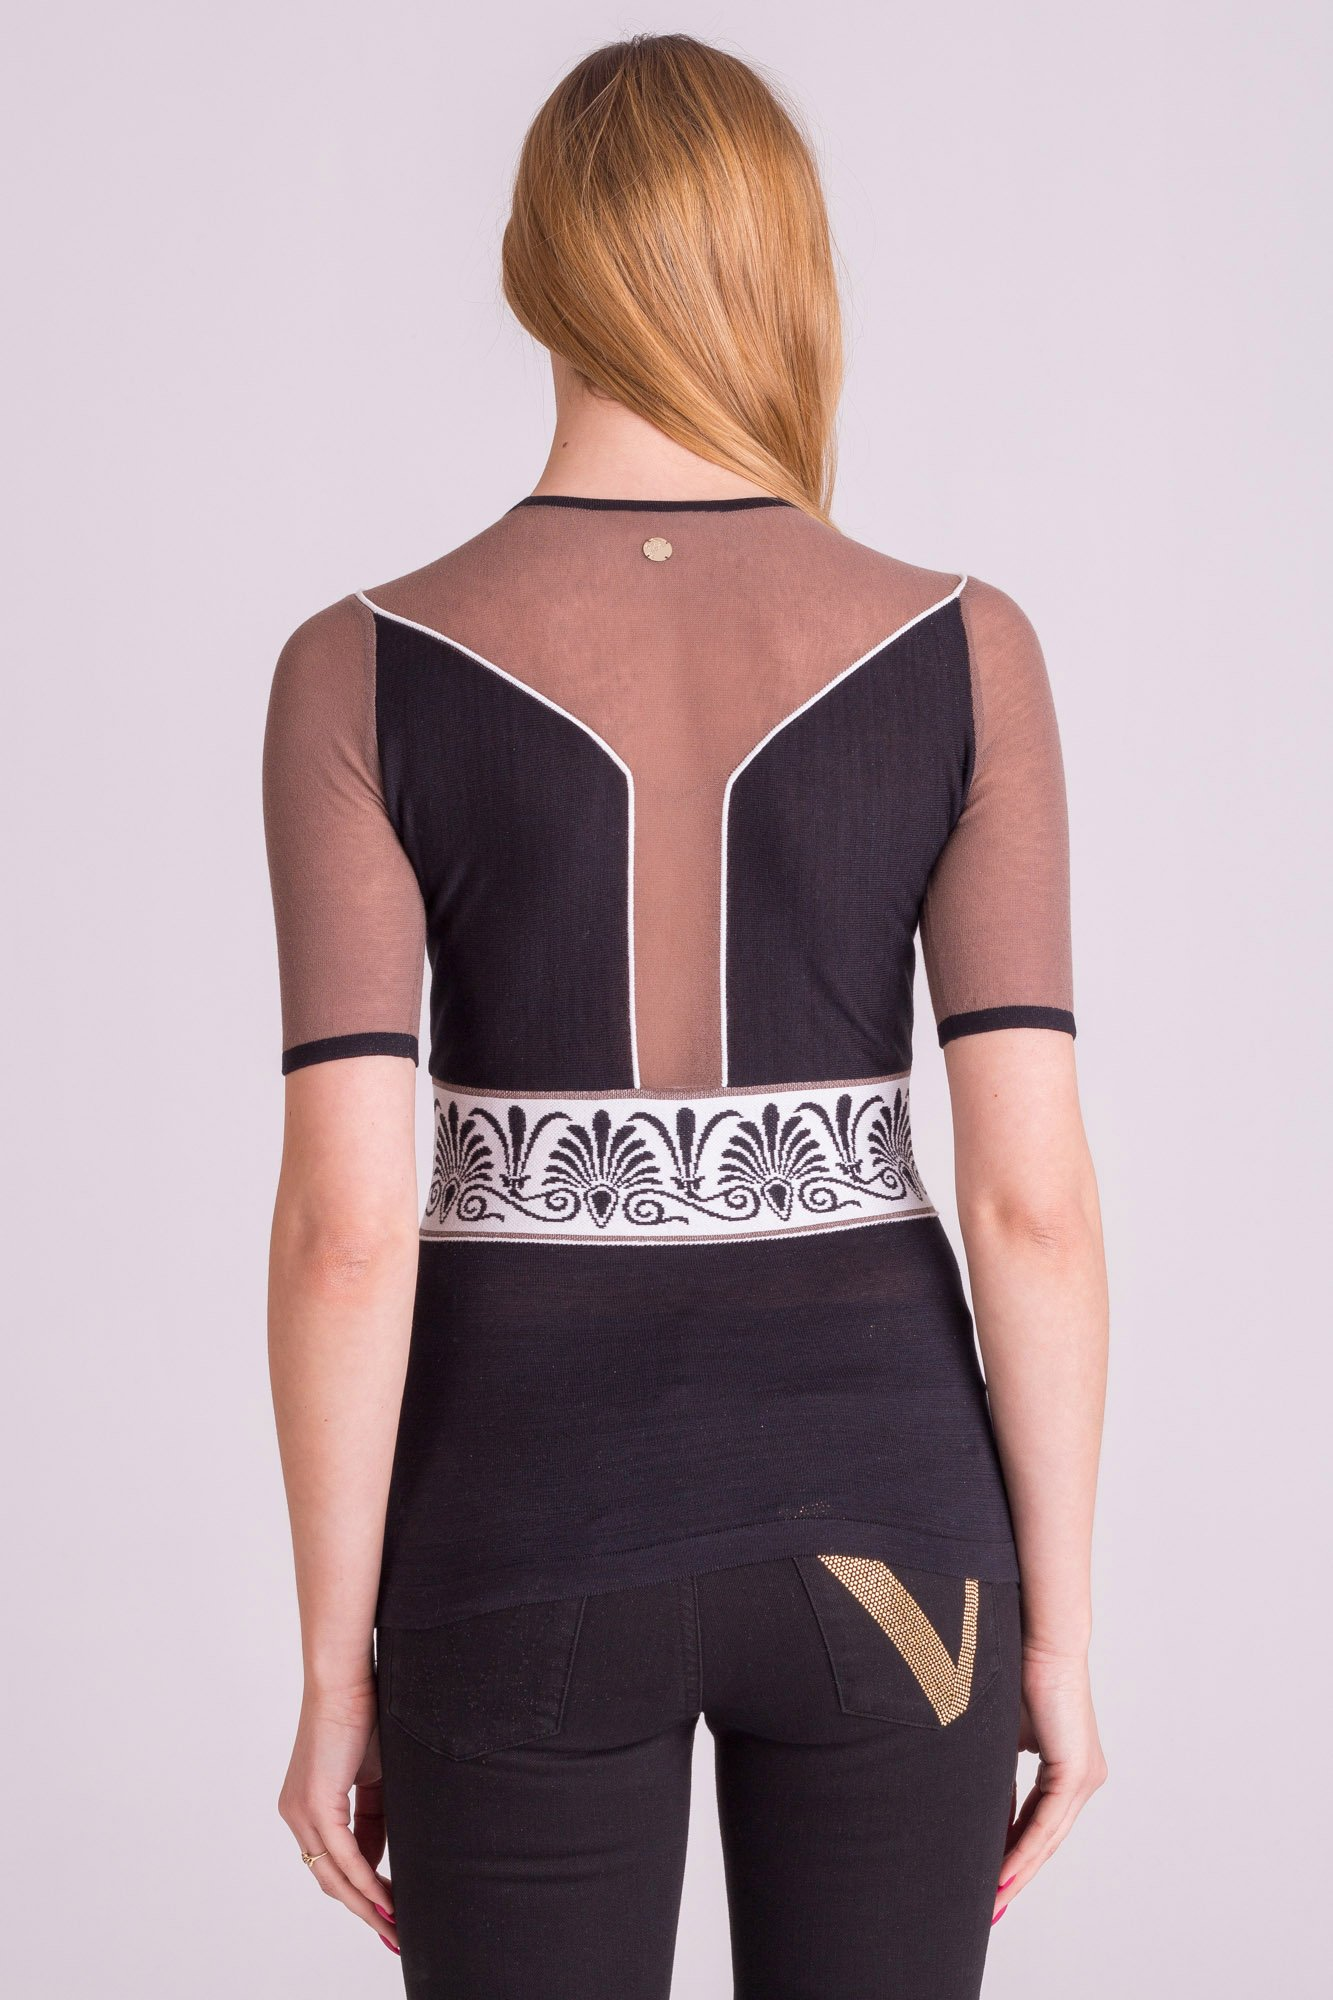 4b46864f48 Wielokolorowa Bluzka Versace Collection Z Folklorystycznym Wzorem